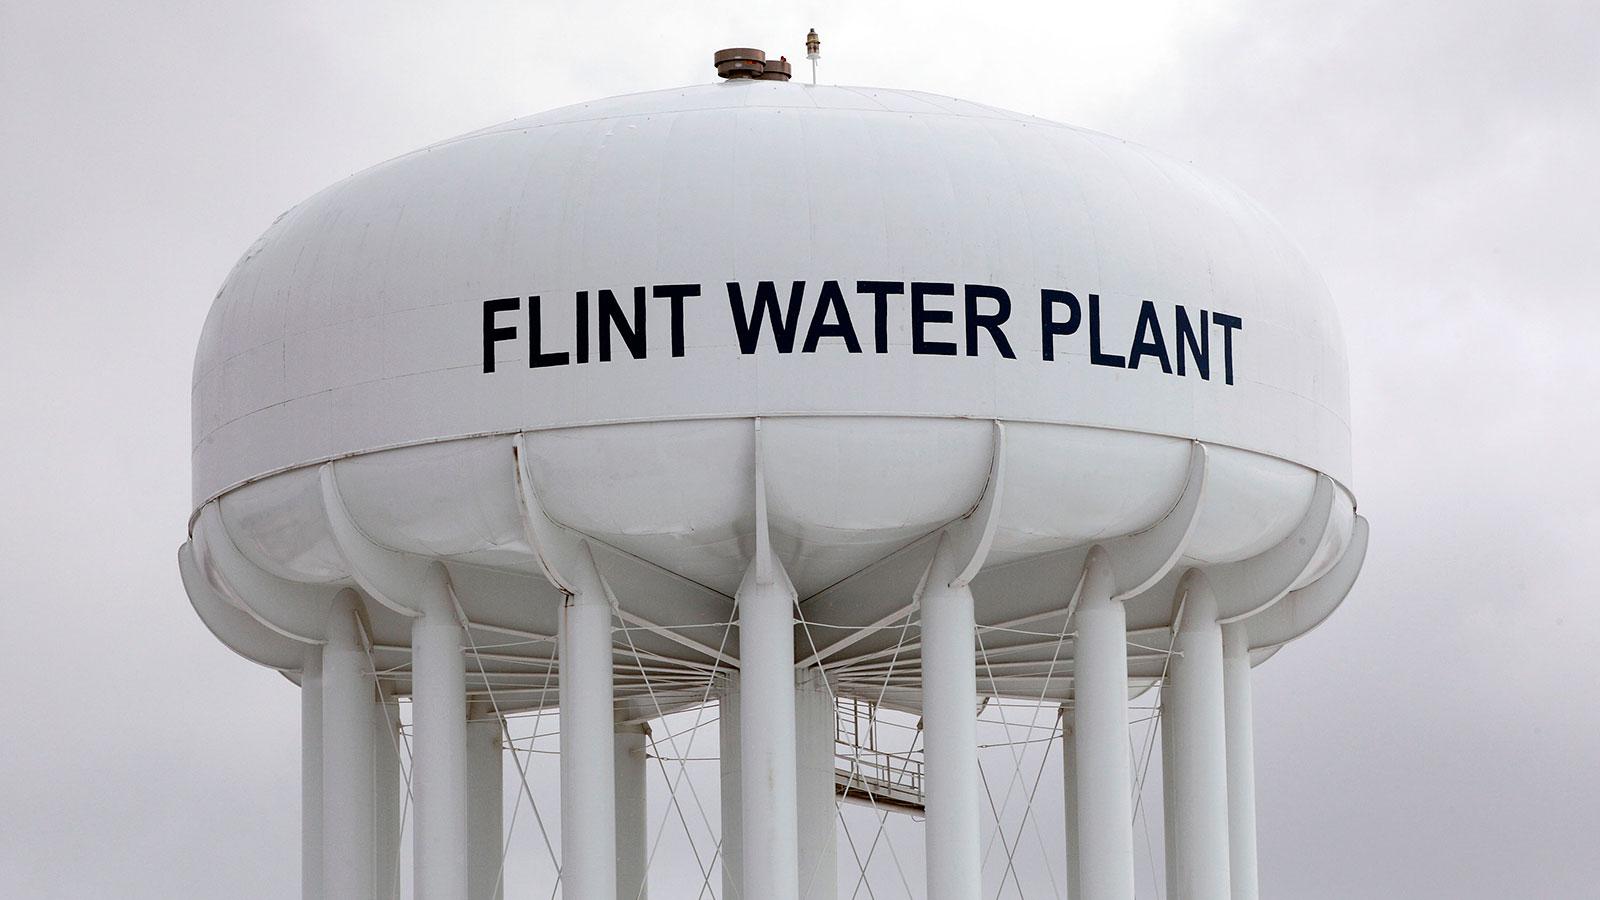 ce9639164c7f8 U.S. Senate Debate on Flint